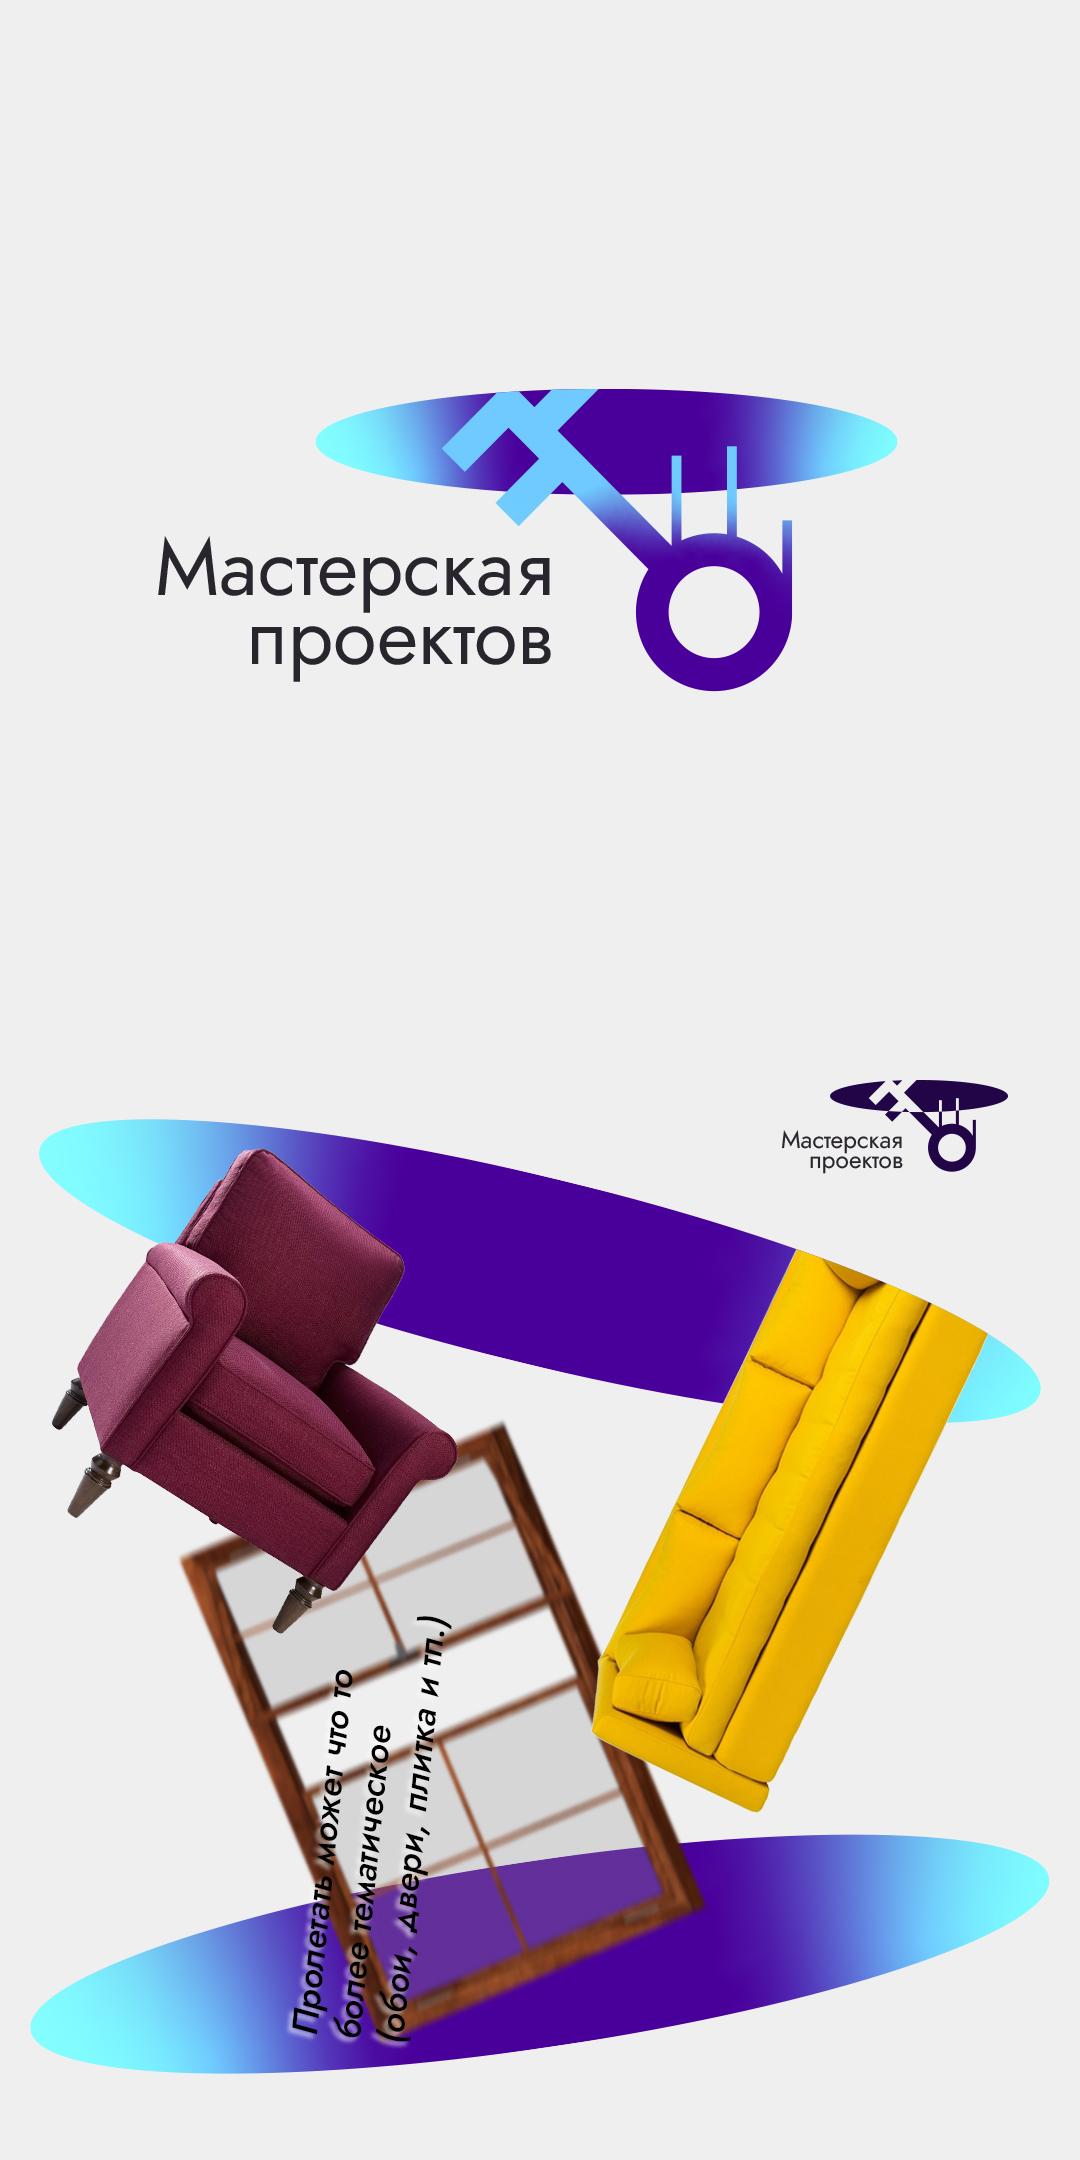 Разработка логотипа строительно-мебельного проекта (см. опис фото f_78460712958e3688.jpg